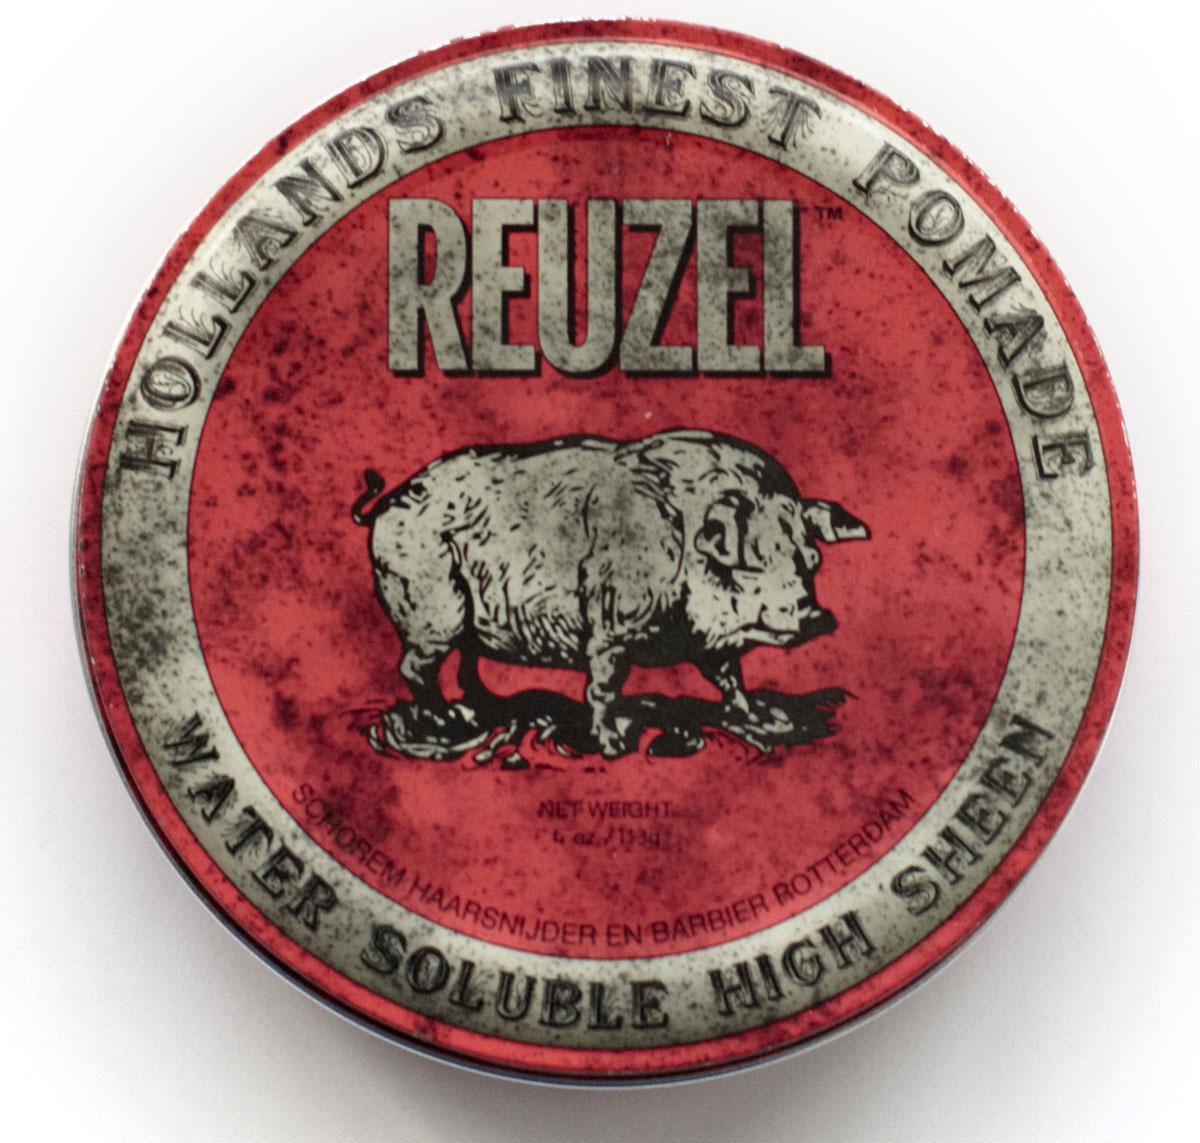 Reuzel помада для укладки волос, красная банка 113грFS-00897Помада REUZEL красная: ультраблескПомада Reuzel в красной банке придаёт укладке ультраблеск, фиксирует как воск, но смывается водой так же просо как гель. Эта супер-концентрированная помада подходит для волос любого типа и полирует до блеска любую причёску: от помпадура и квиффа до slick back и любых смелых форм в укладке. Красная помада Reuzel сохраняет пластичность весь день, никогда не затвердевает и не превращается в хлопья. С аромат ванильной колы.- Сильная фиксация как у воска- Суперблеск и эффект отполированной укладки- Состав на водной основе, легко смывается- Превосходная прическа весь день